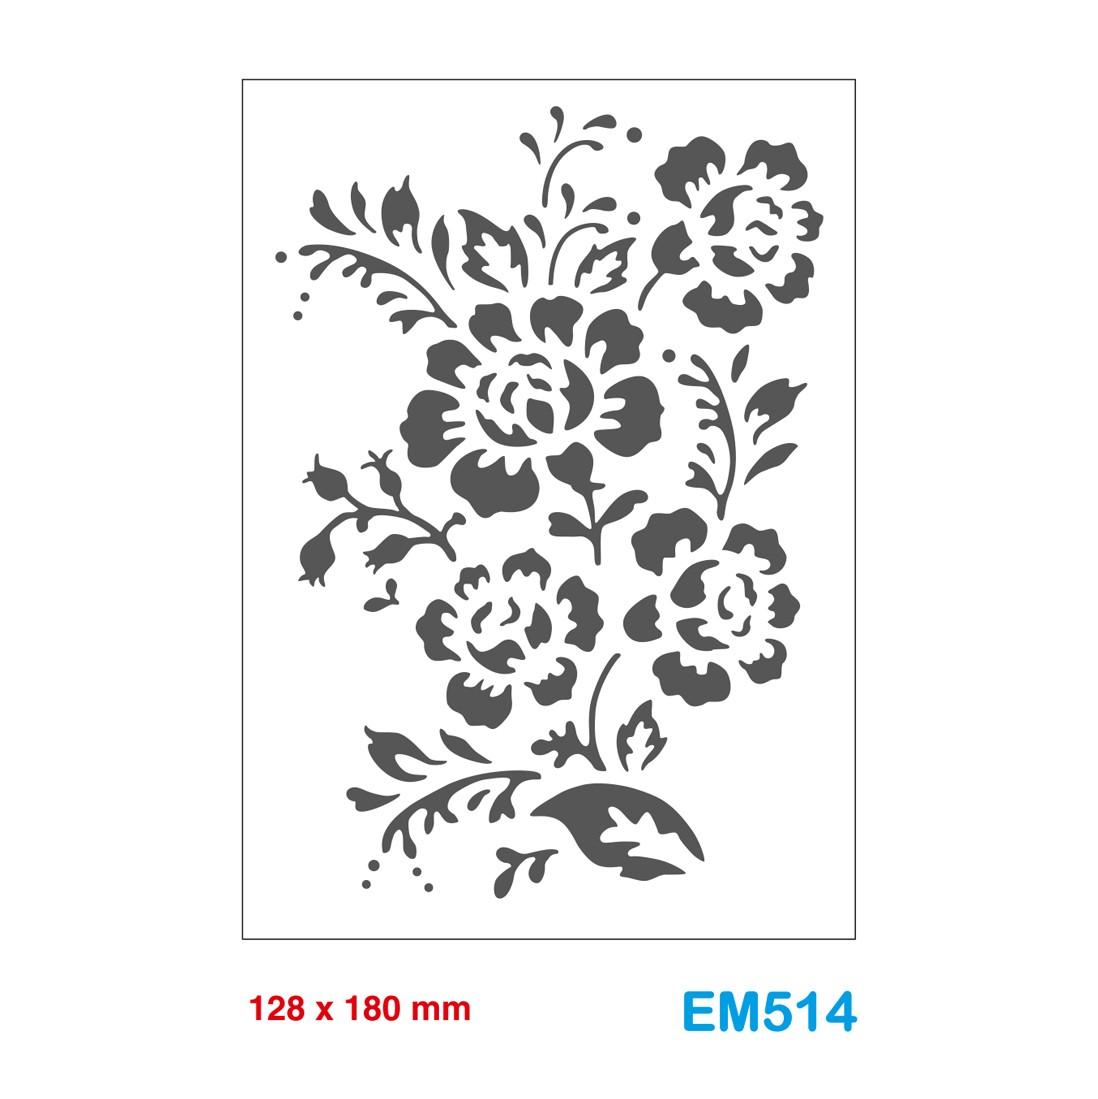 Fiori 2d.Cartella Effetto Rilievo 2d Embossing Forma Bouquet Fiori 128x180mm